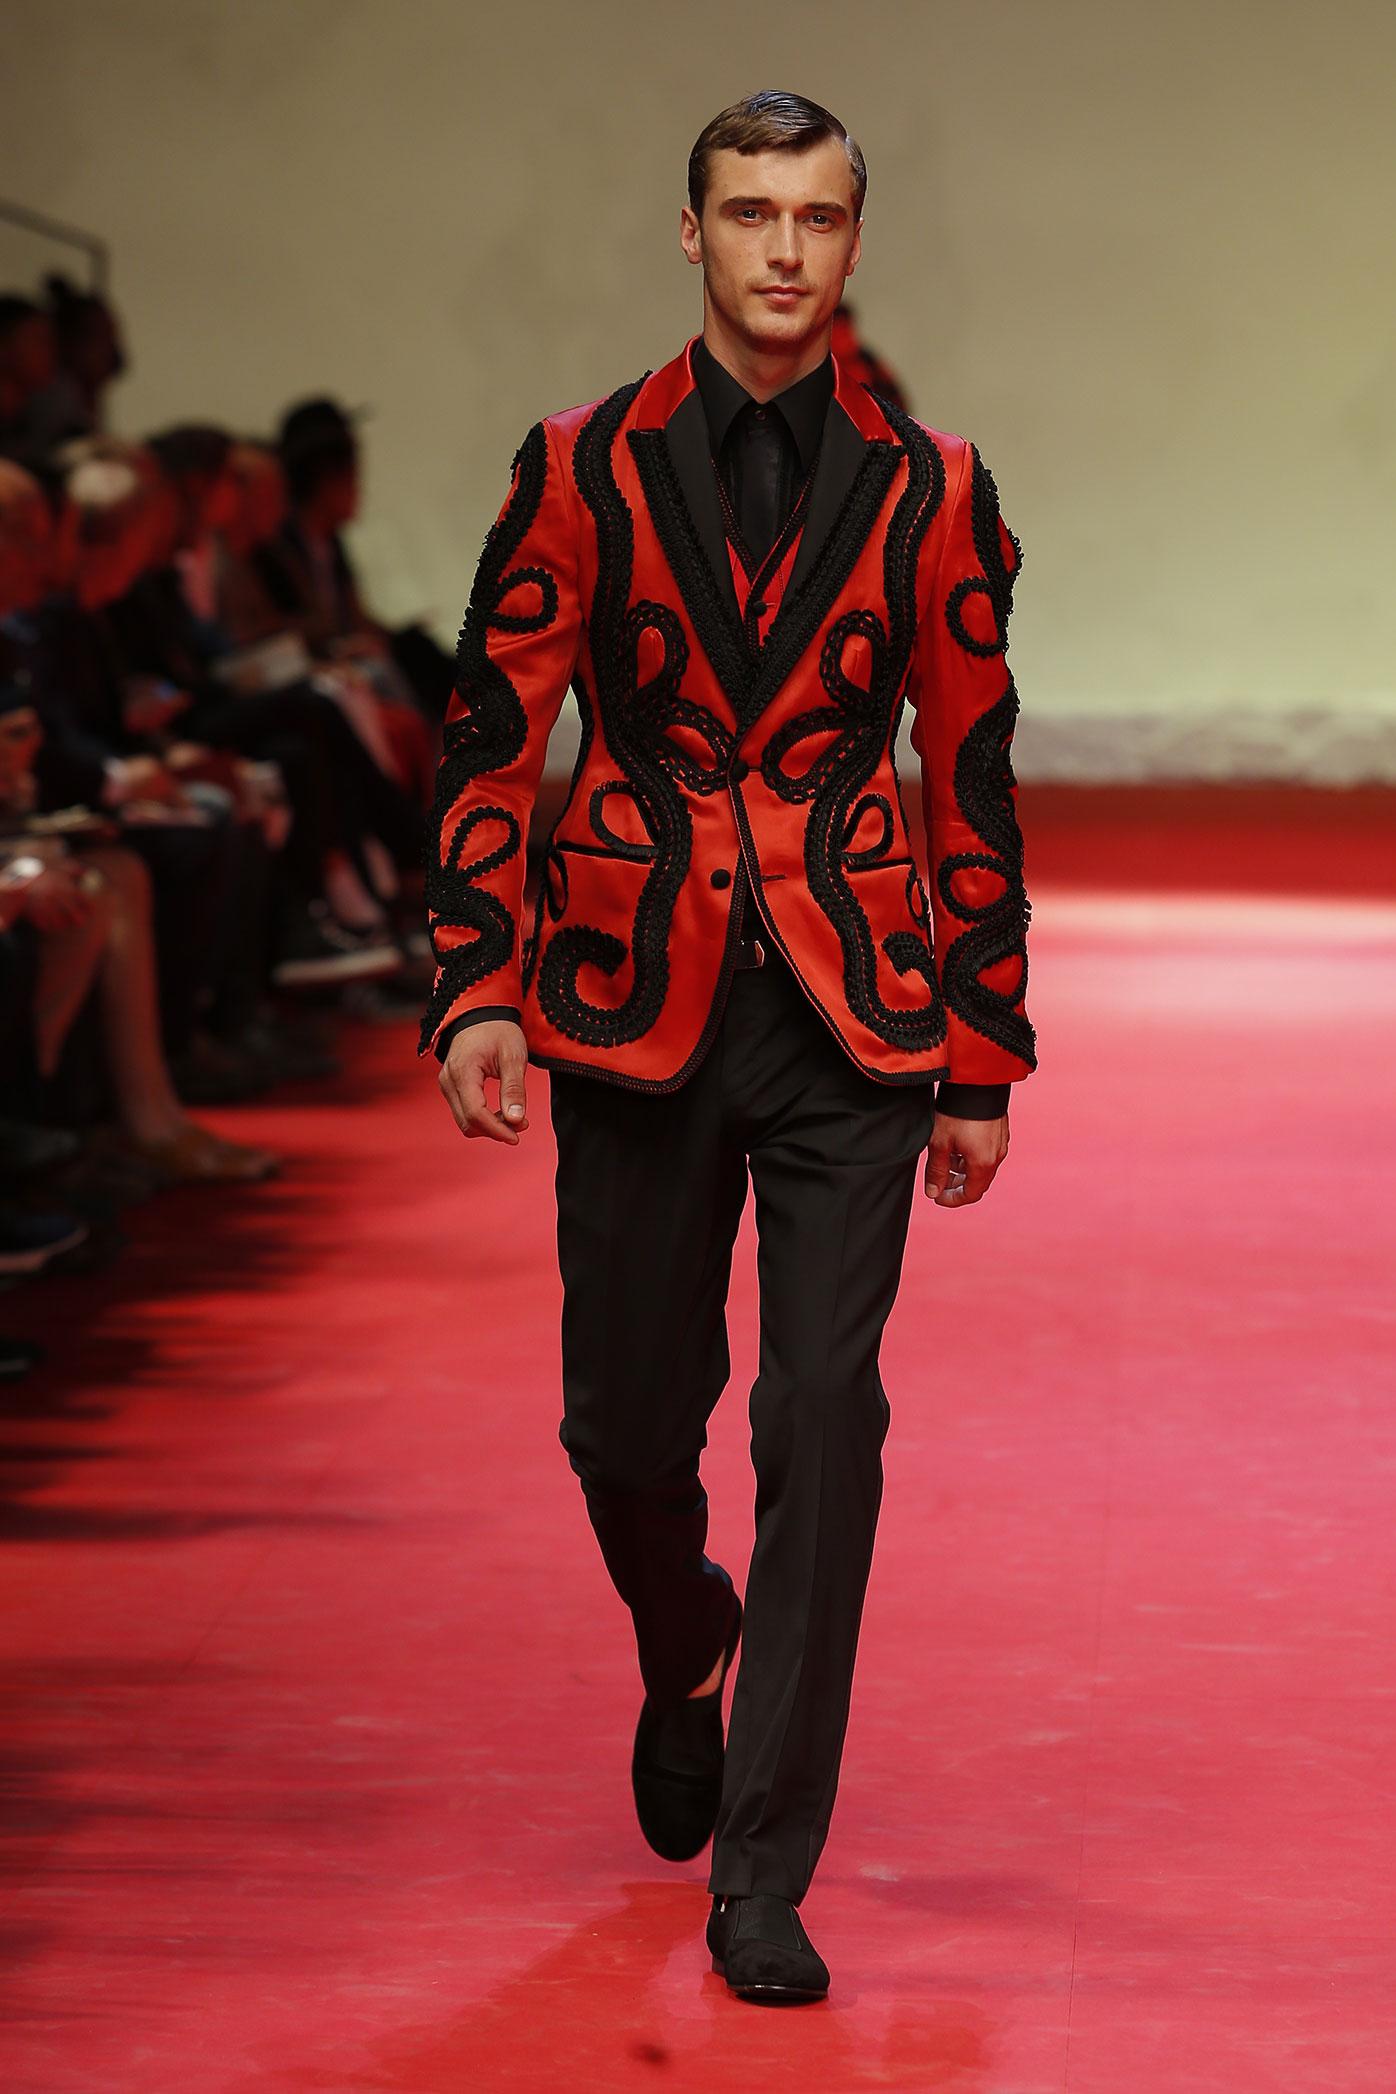 dolce-and-gabbana-summer-2015-men-fashion-show-runway-33-zoom.jpg